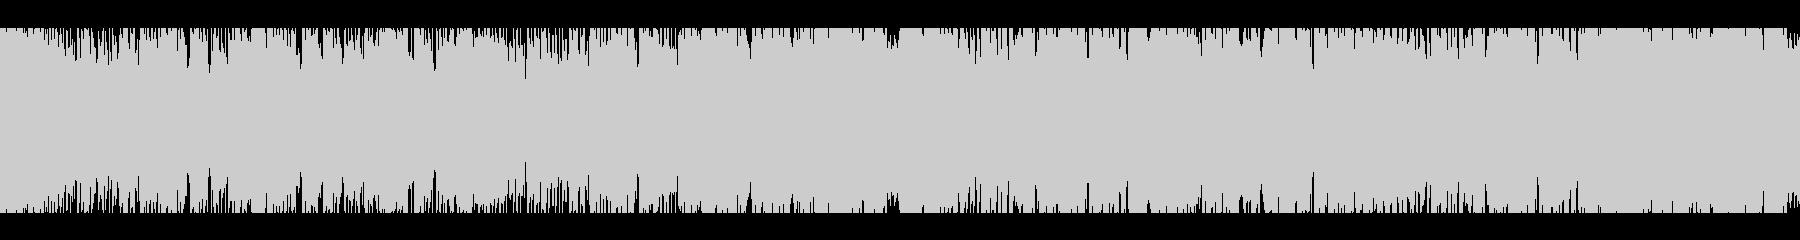 最先端の技術(ループ)の未再生の波形